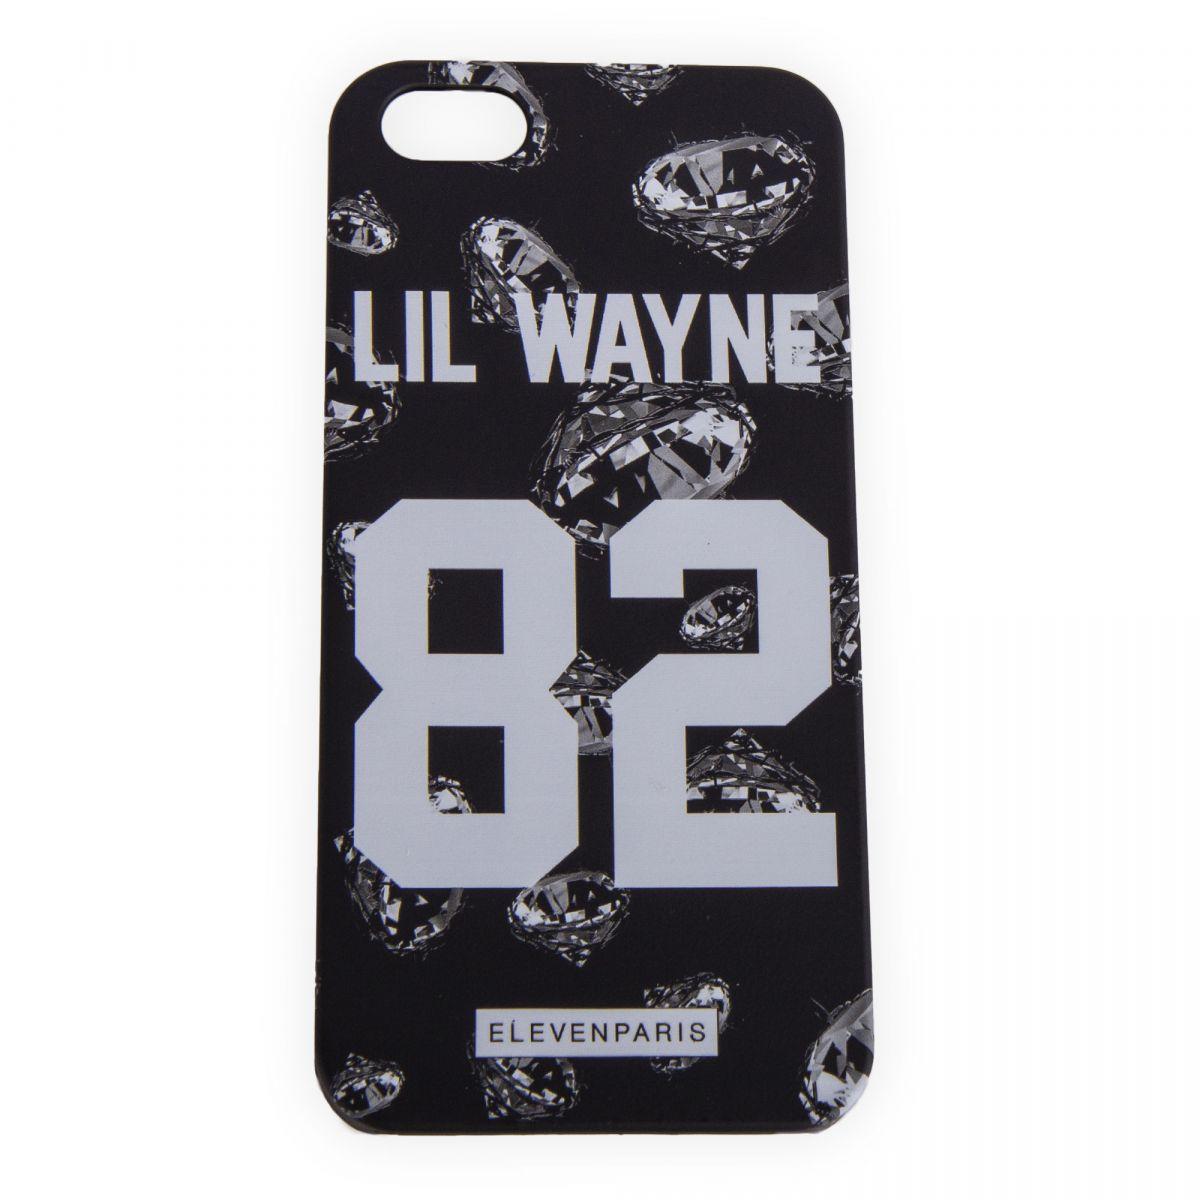 265b94f75a1367 Coque iPhone 5/5s Lil Wayne ELEVEN PARIS marque pas cher prix dégriffés  destockage ...